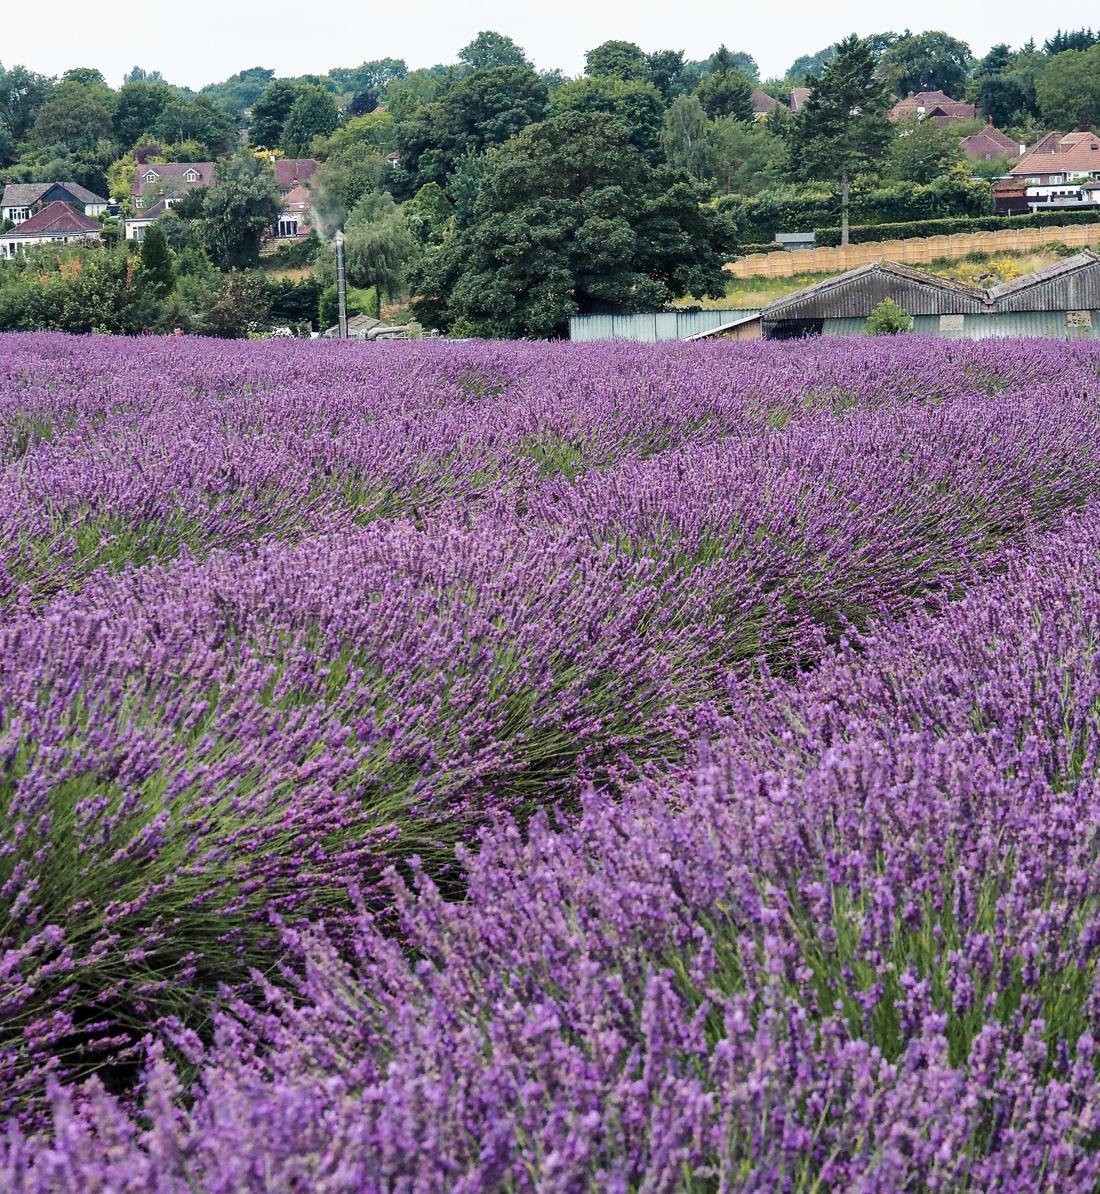 mayfield lavender field sutton